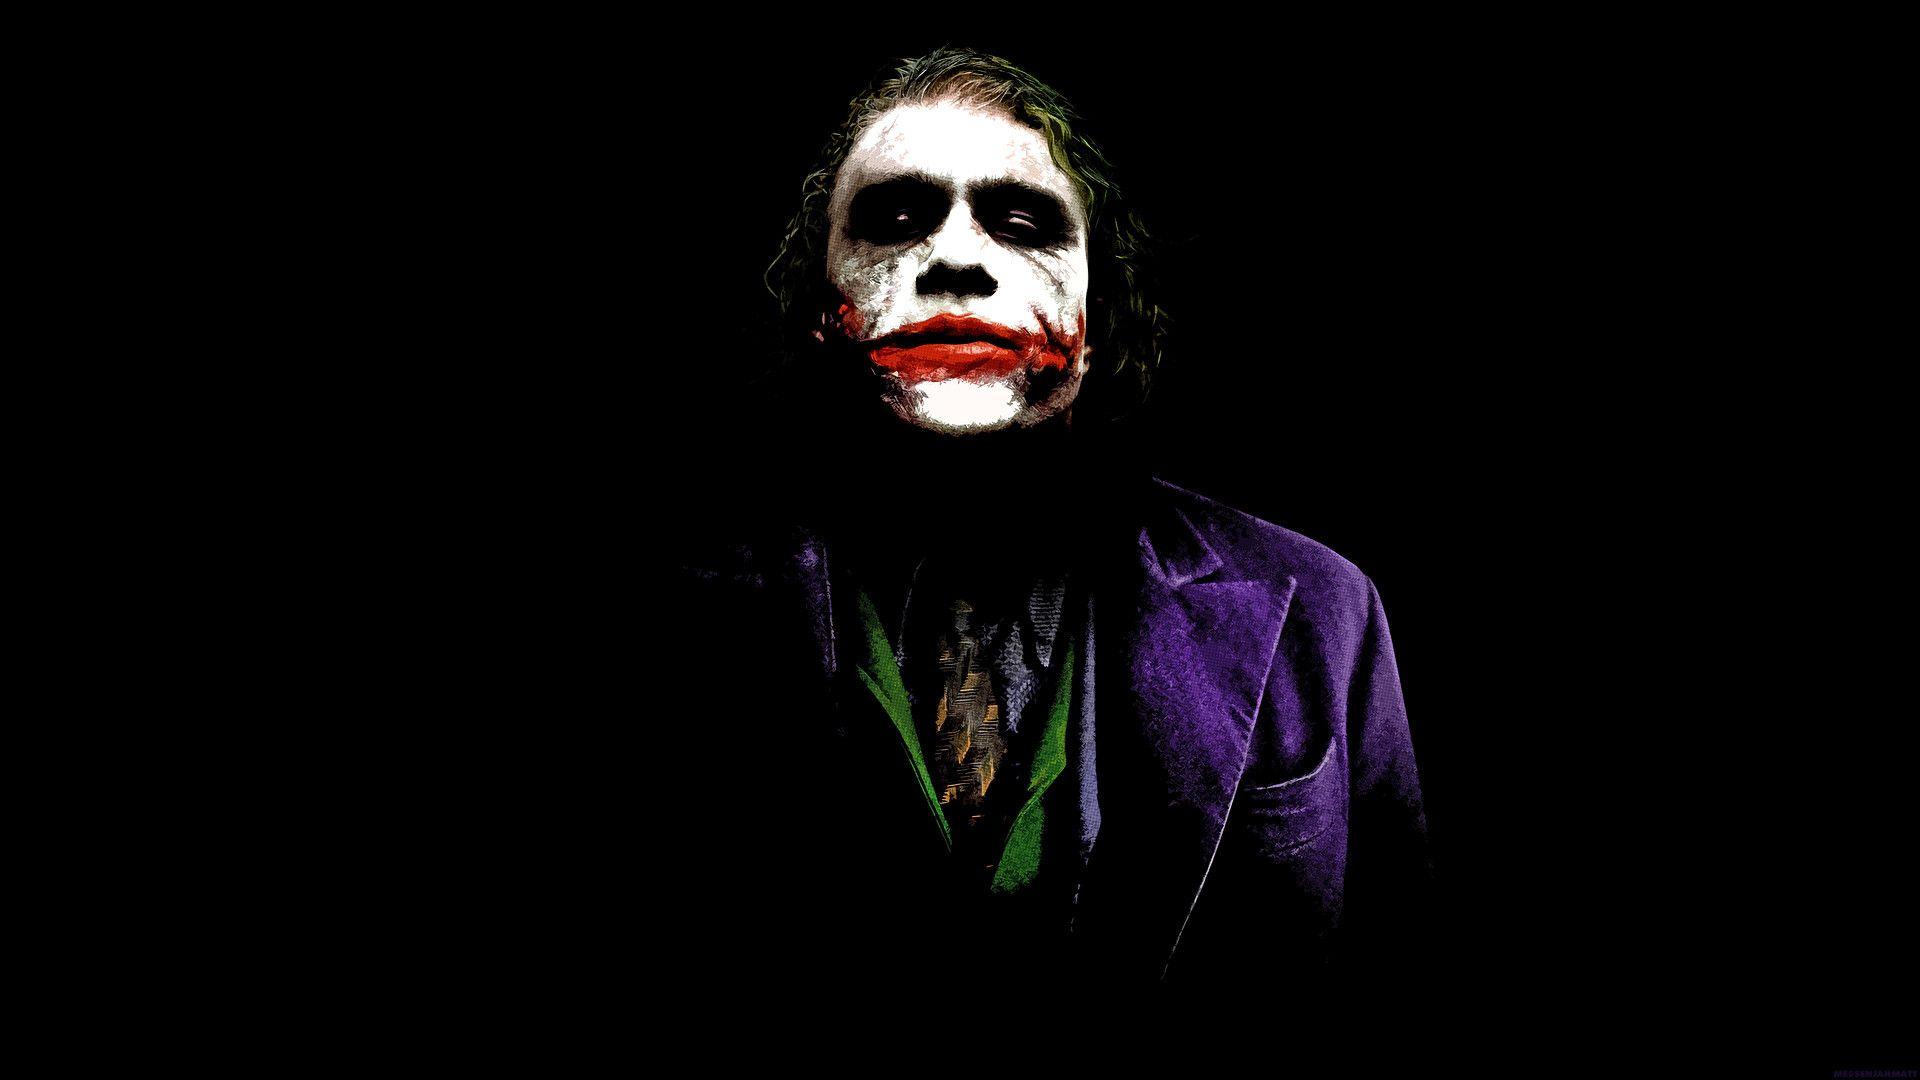 Joker Hd Wallpapers 1080p 37 Joker Wallpapers Joker Hd Wallpaper Batman Joker Wallpaper Dark theme 1080p joker hd mobile